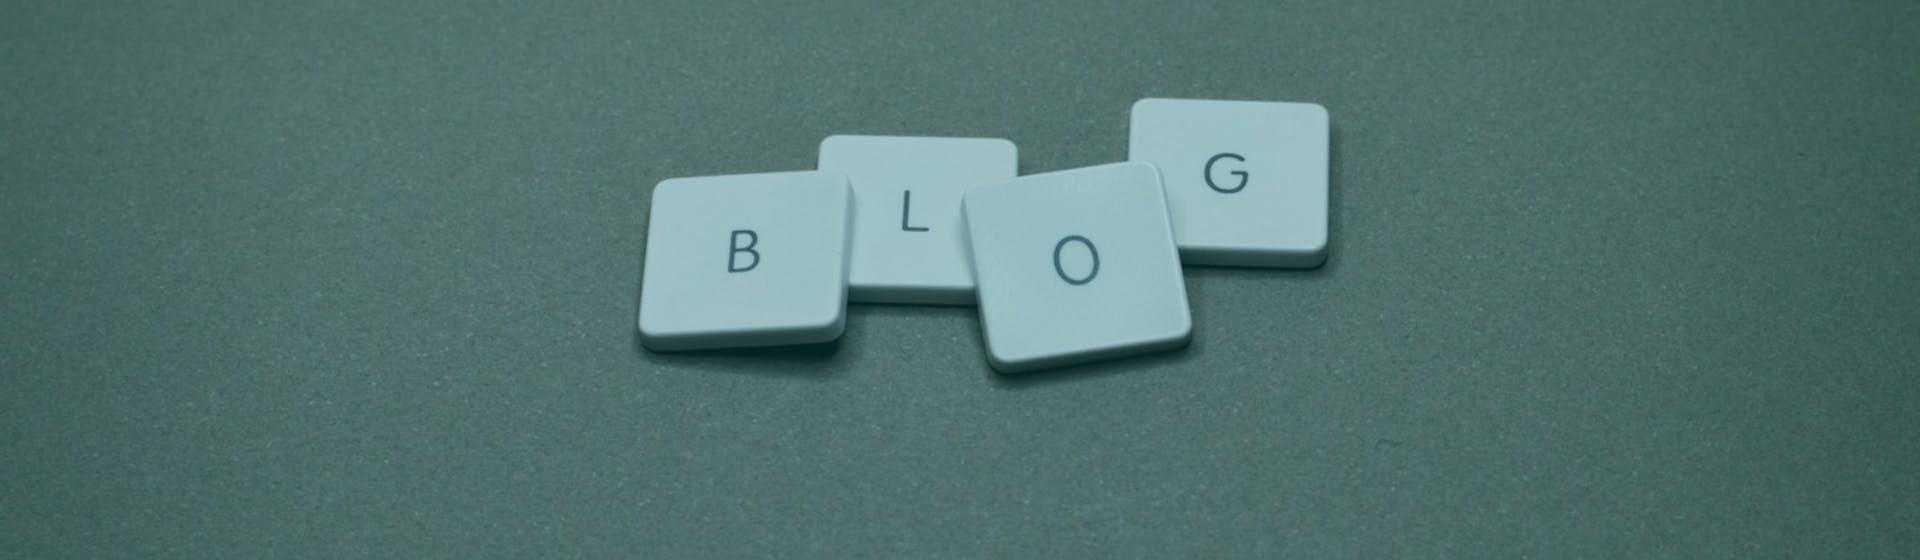 Nombres para blogs y cómo crear el tuyo: dime qué quieres escribir y te diré qué nombre elegir